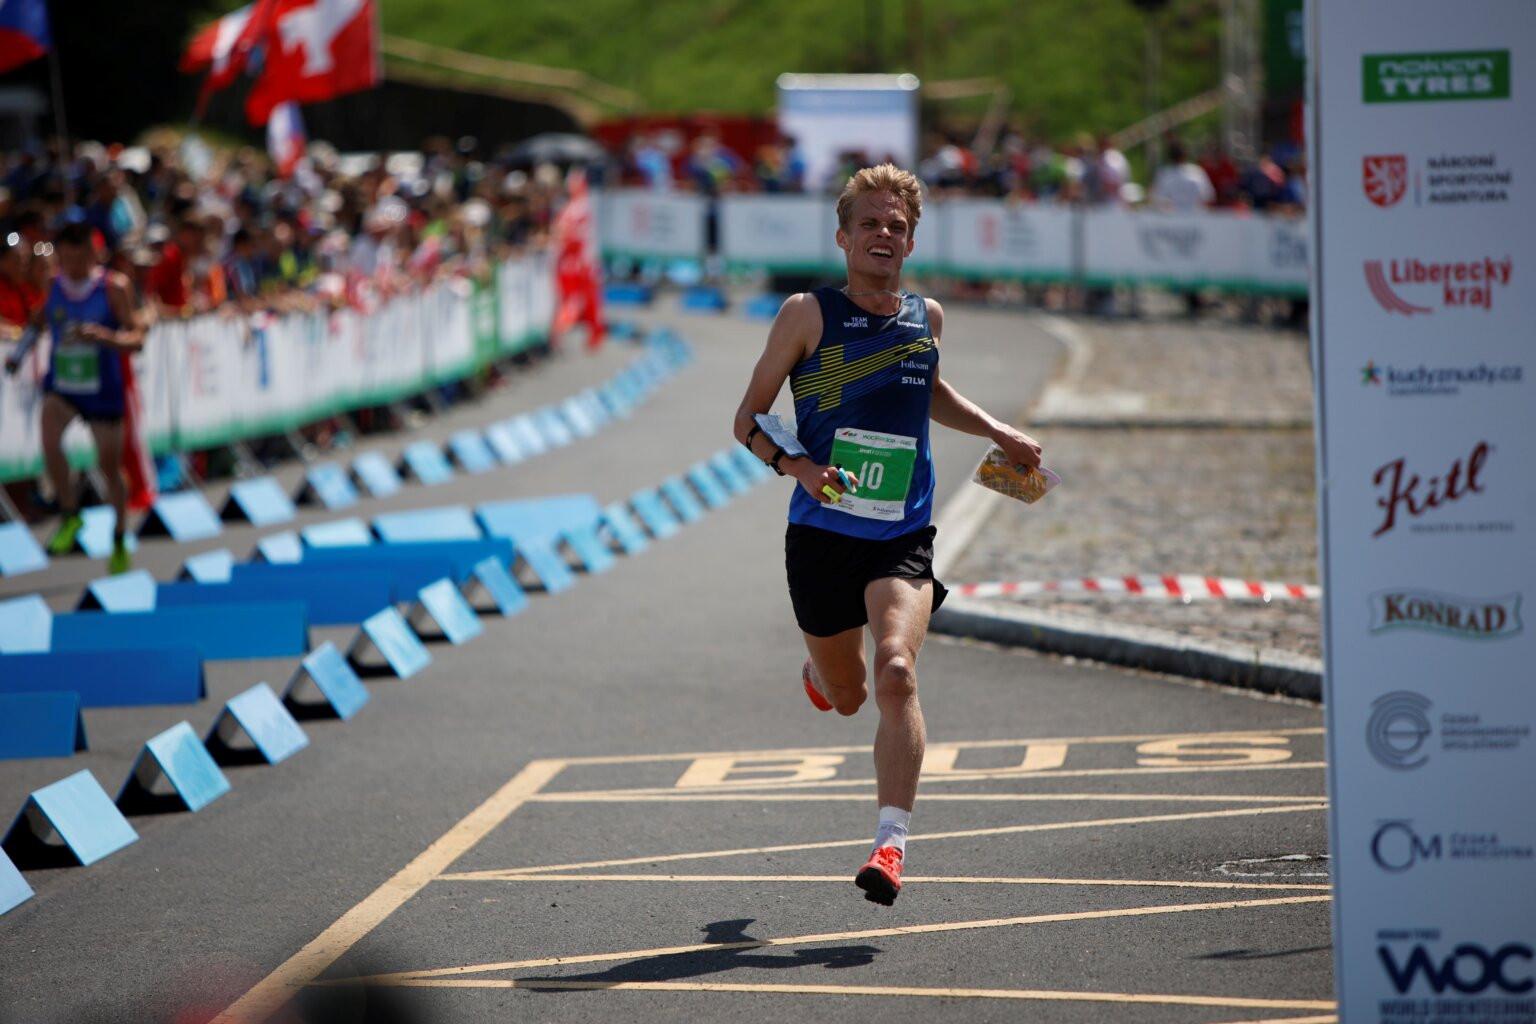 Sweden's Isac von Krusenstierna won the men's sprint in Doksy ©WOC 2021